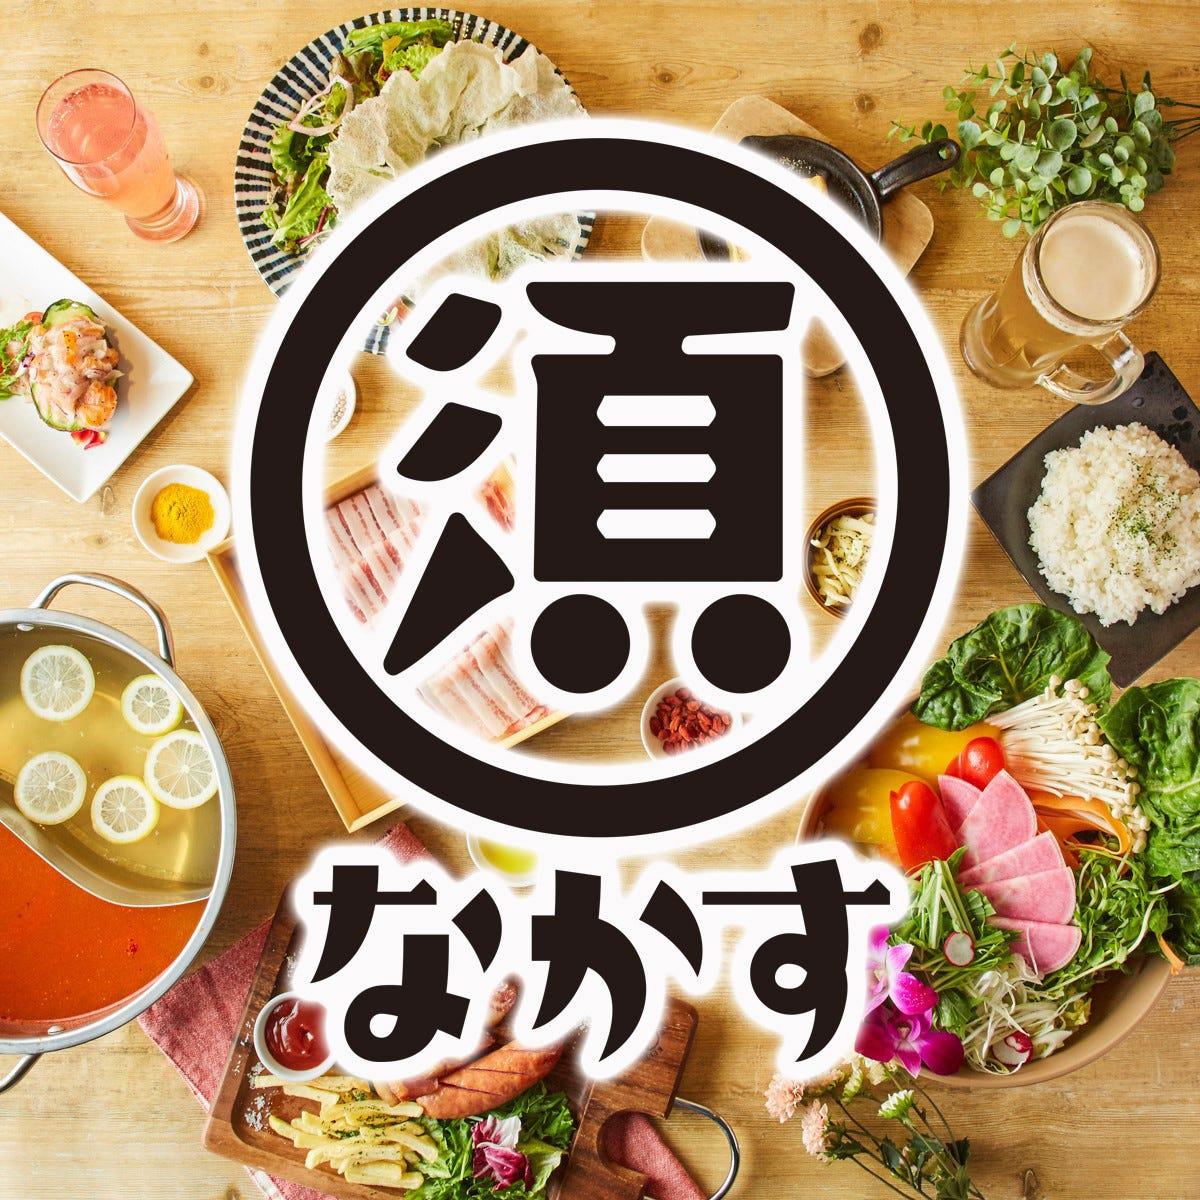 綿飴しゃぶしゃぶと肉とチーズ なかす 新札幌店